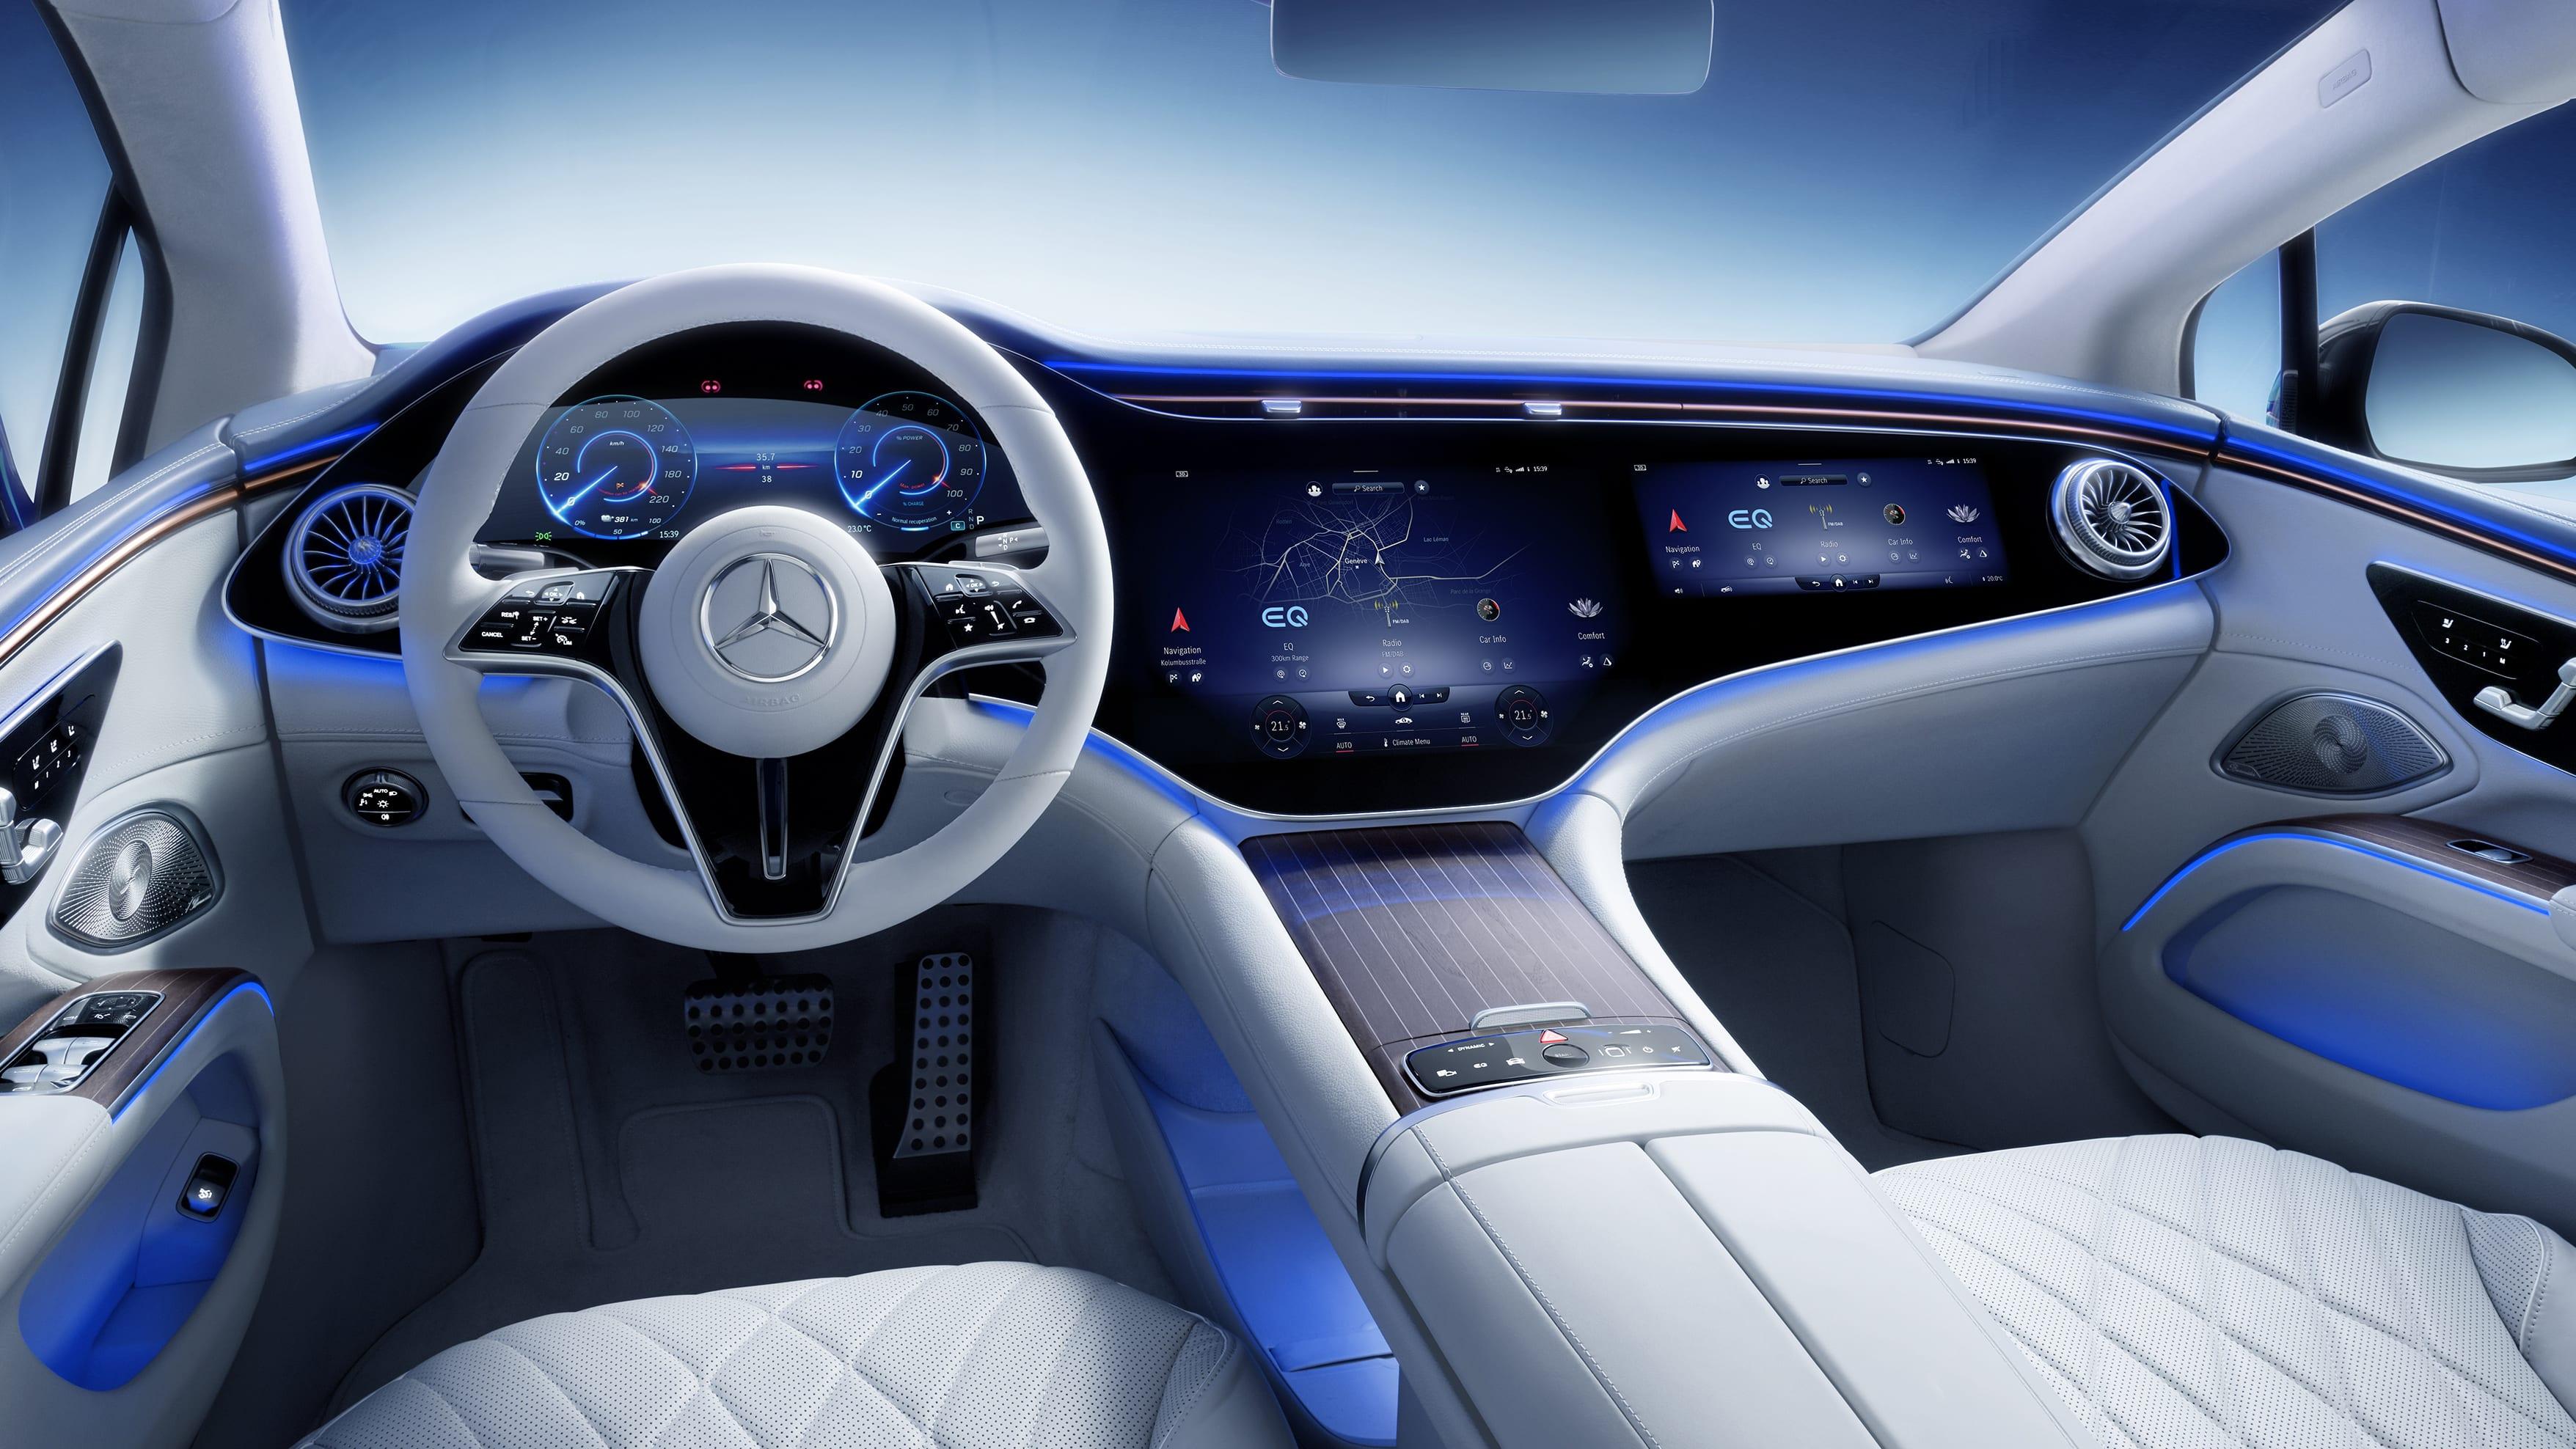 2021 Mercedes-Benz EQS interior unveiled